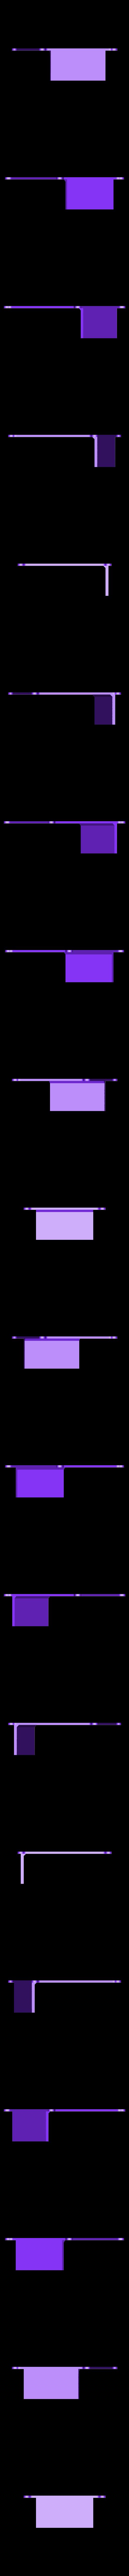 ElectronicsHousing-Lid.STL Télécharger fichier STL gratuit Machine à dessiner CNC facile à imprimer en 3D - Dessinez sur des gâteaux, des téléphones, du papier, des chemises   Traceur Arduino GRBL • Modèle pour imprimante 3D, DIYMachines